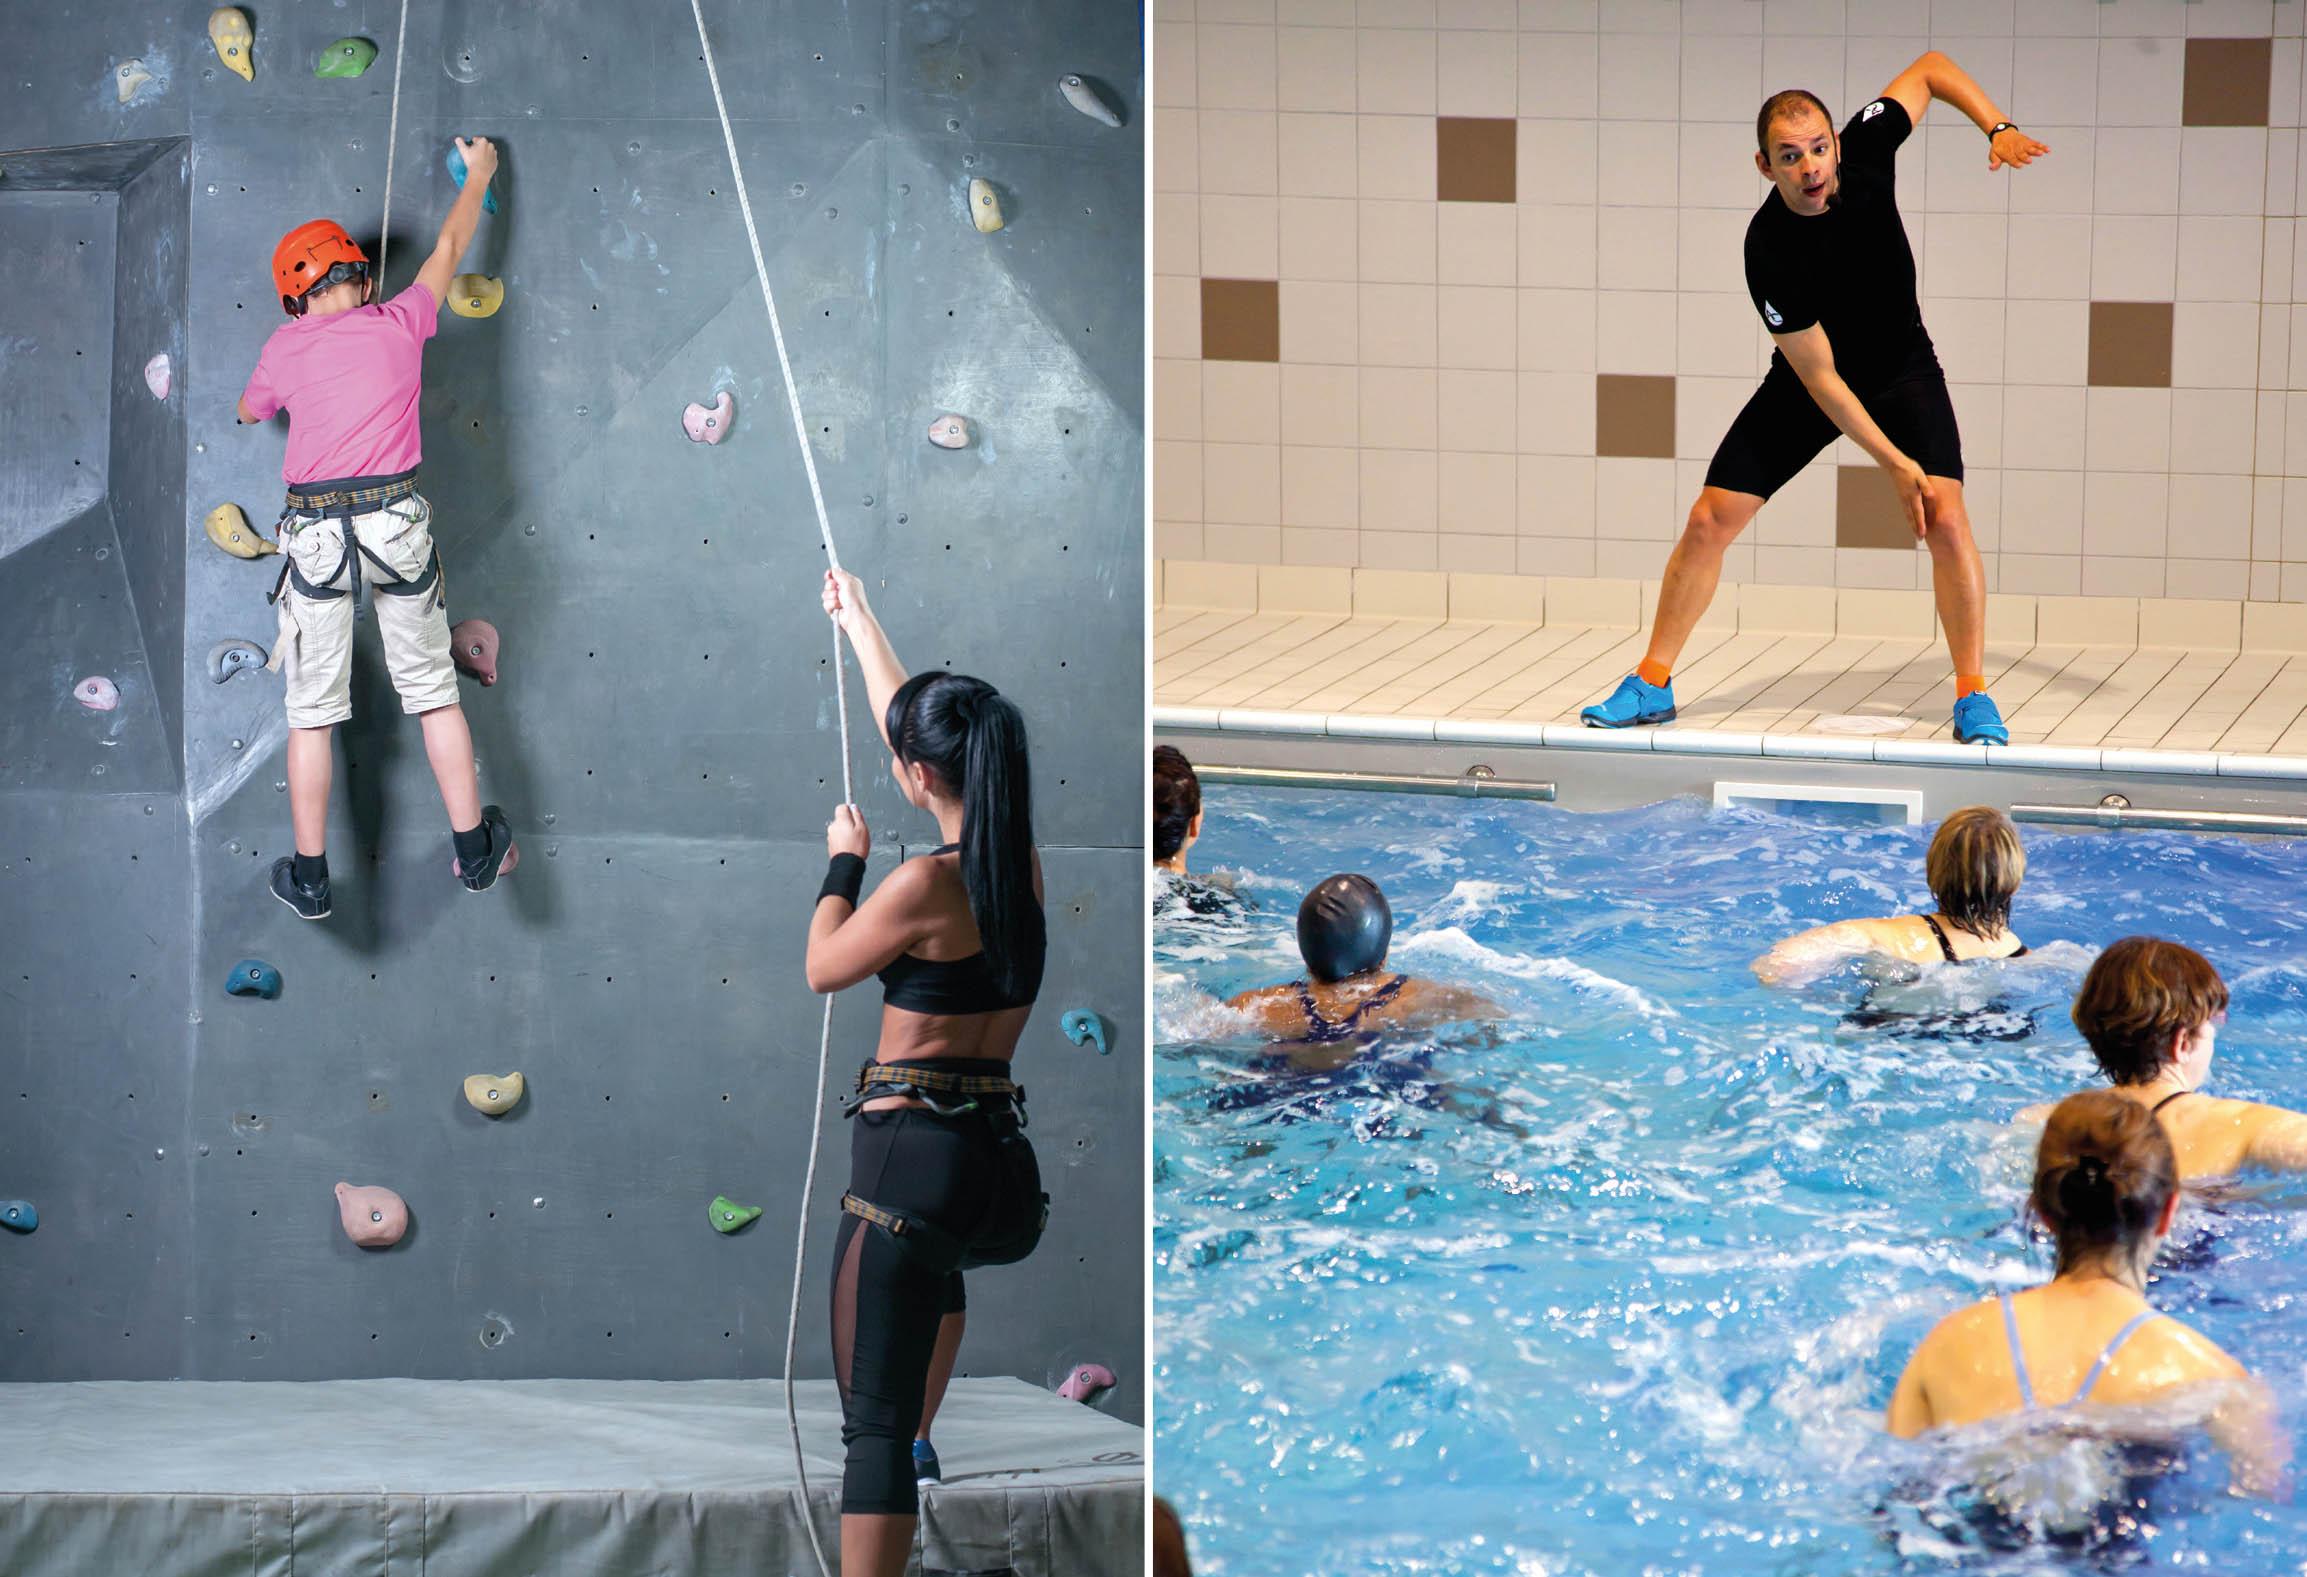 Vänster: Barn på klättervägg Höger: Vattengympaledare och deltagare